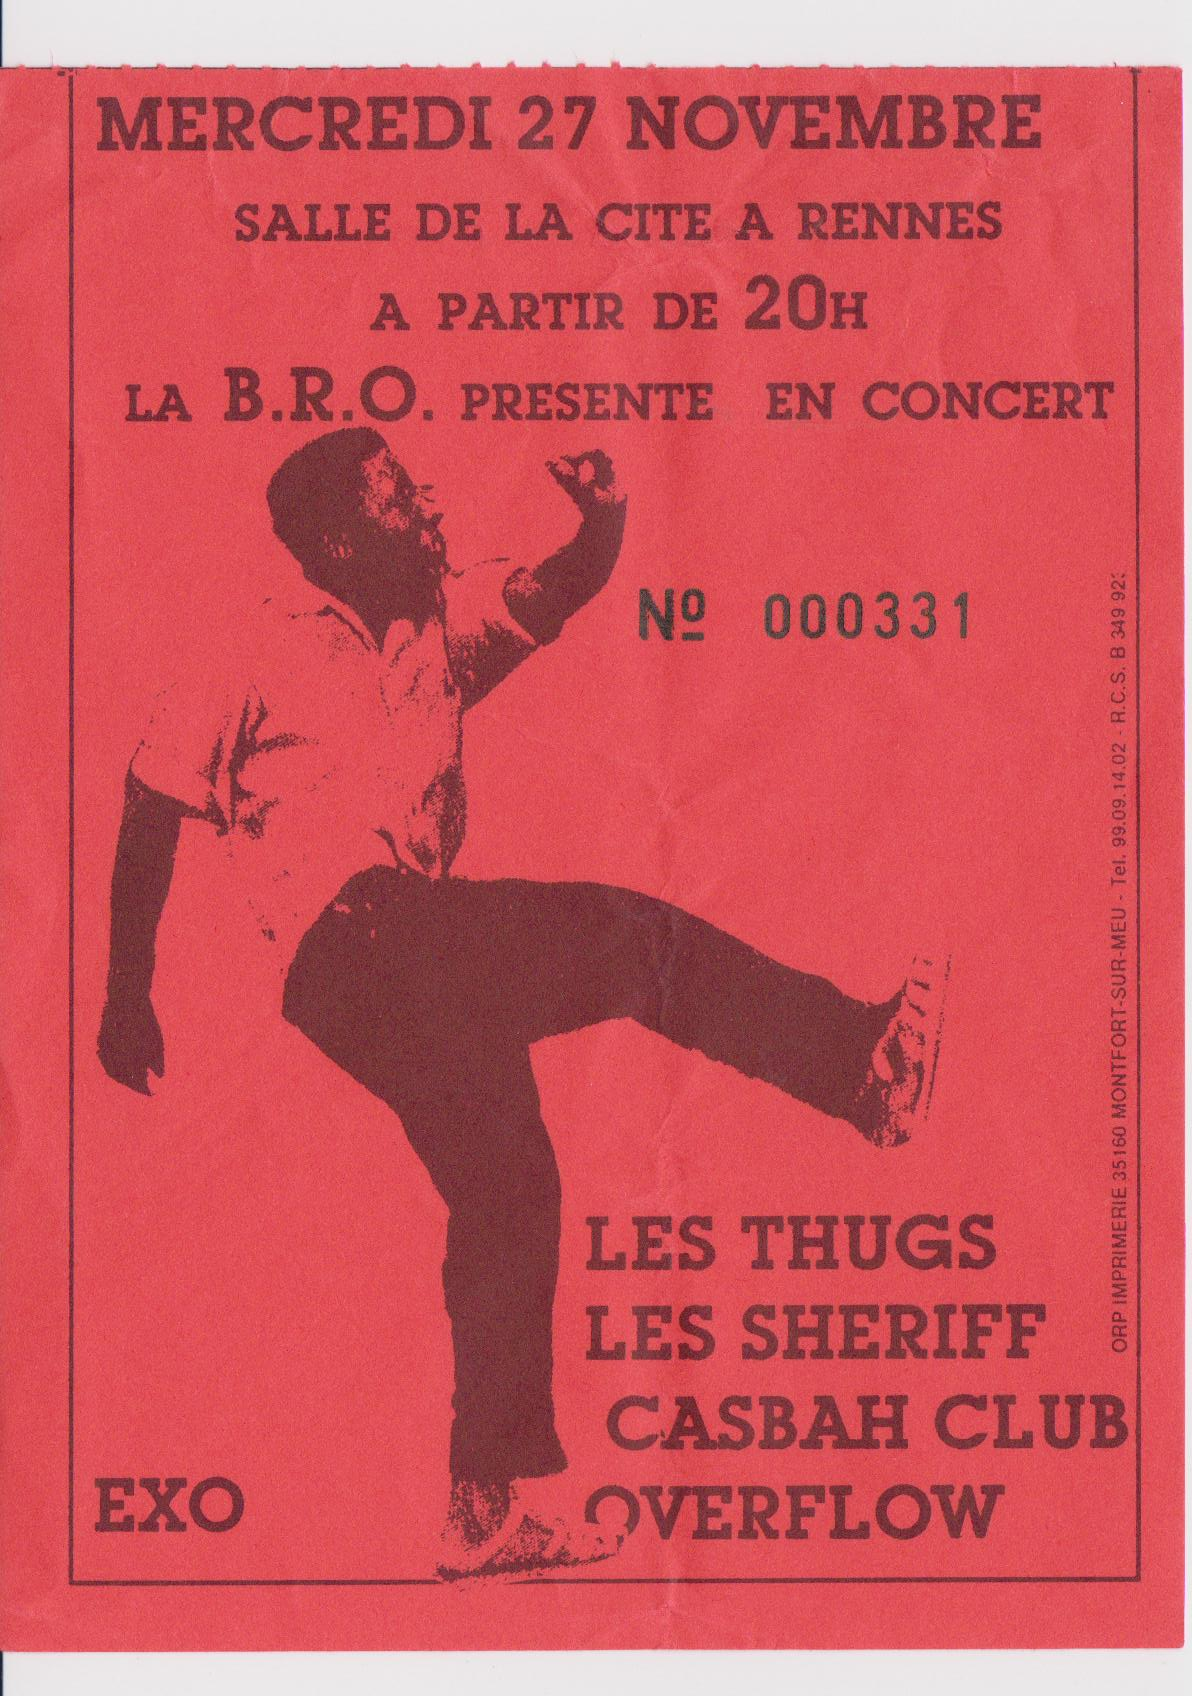 """27 novembre 1991 Overflow, Casbah Club, Les Sheriff, Les Thugs à Rennes """"Salle de la Cité"""""""